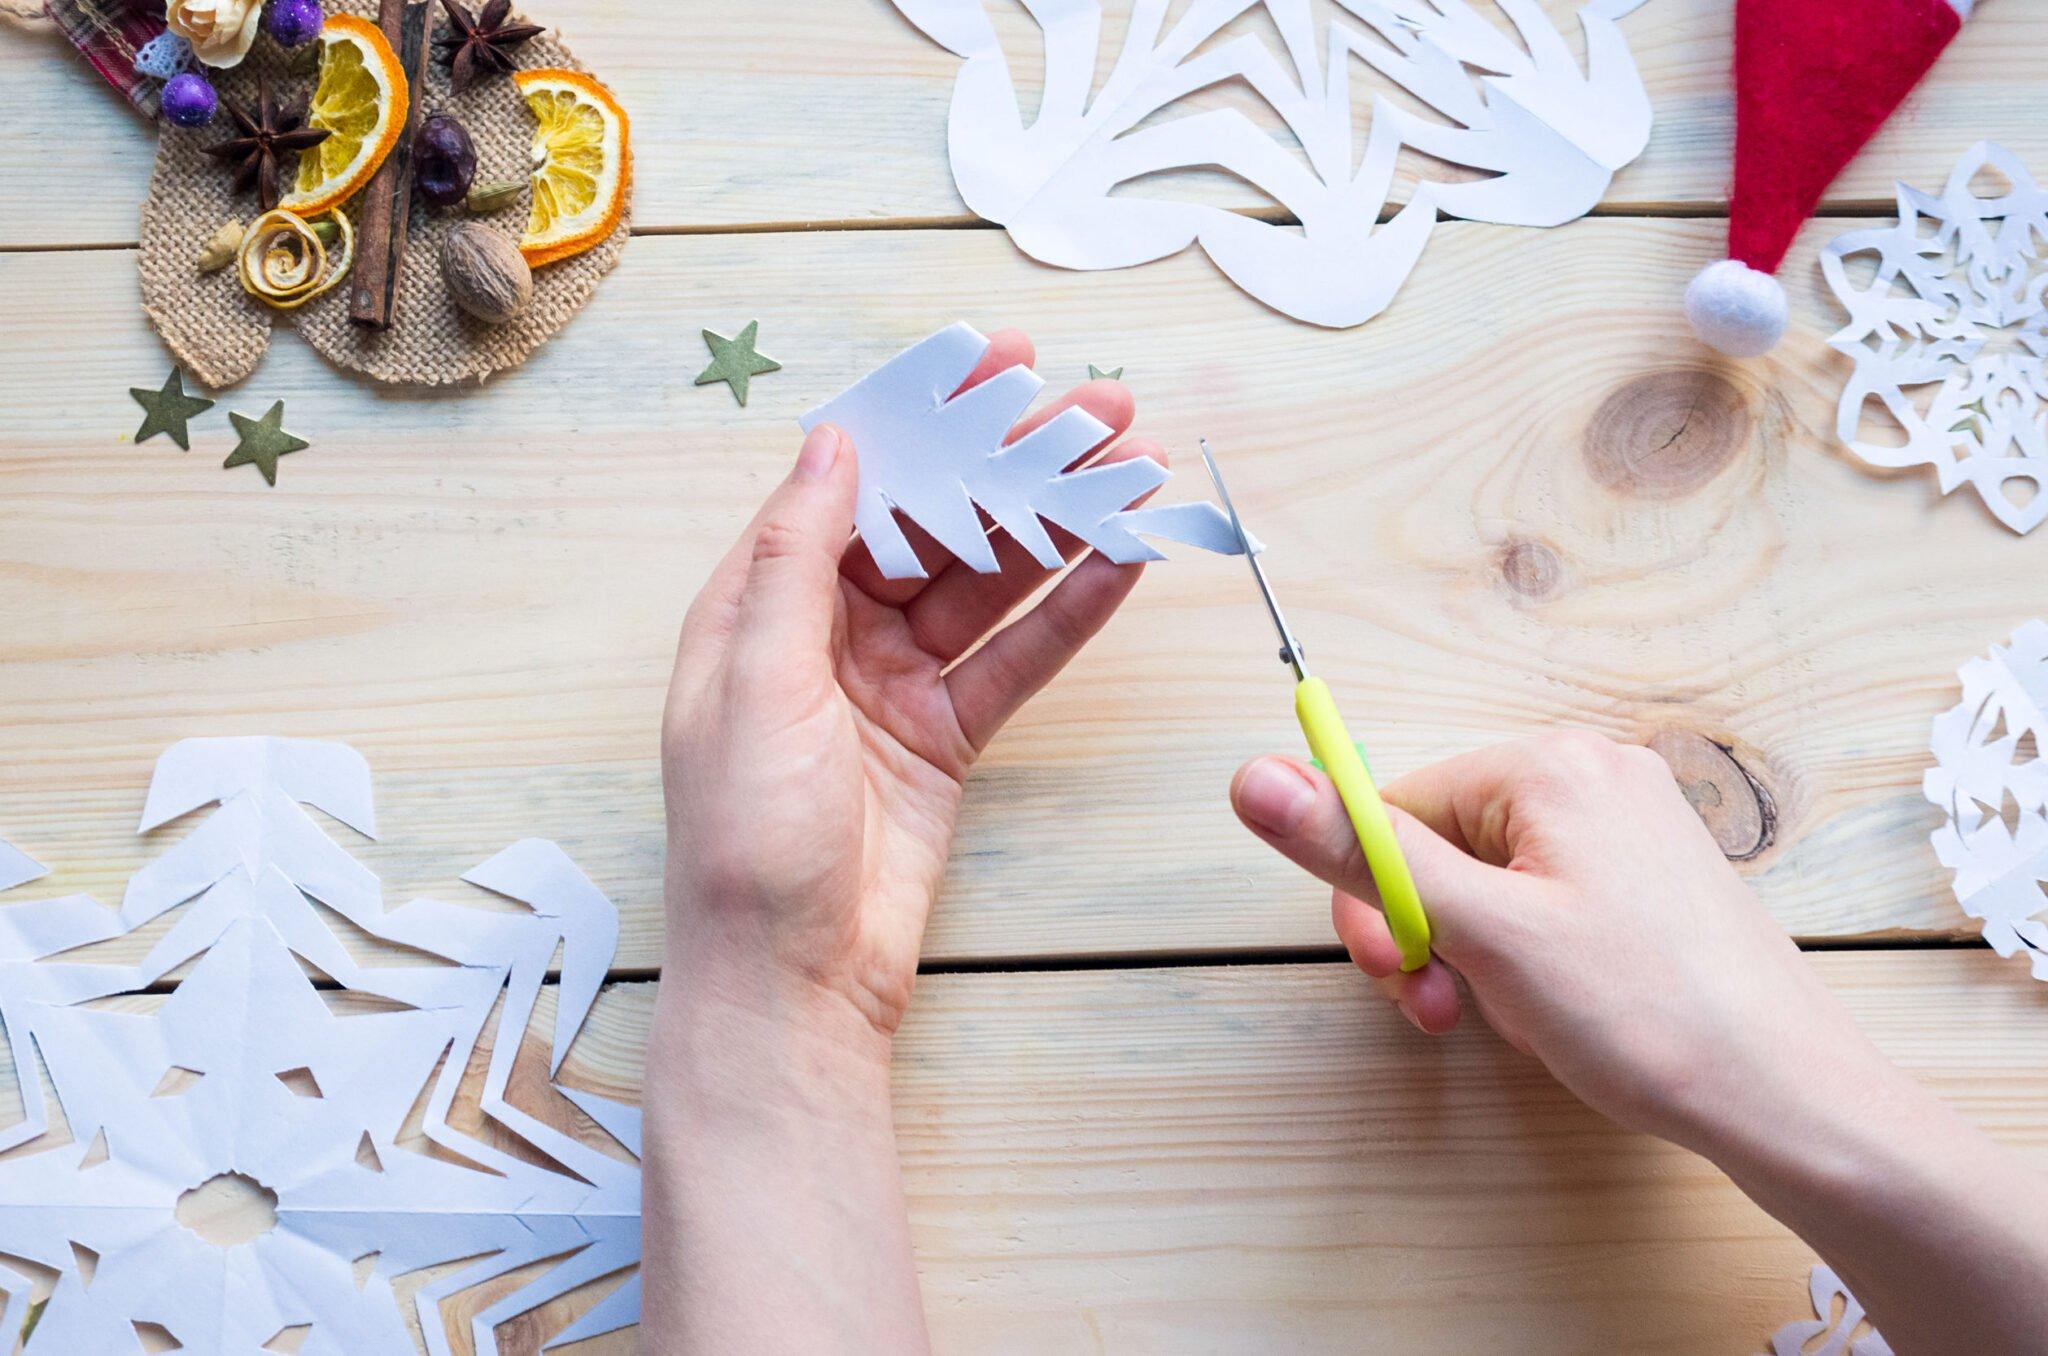 Winter knutselen; thema peuters, kleuters en baby's met knutselwerkjes voorbeelden en ideeën zoals sneeuwvlokken - Mamaliefde.nl